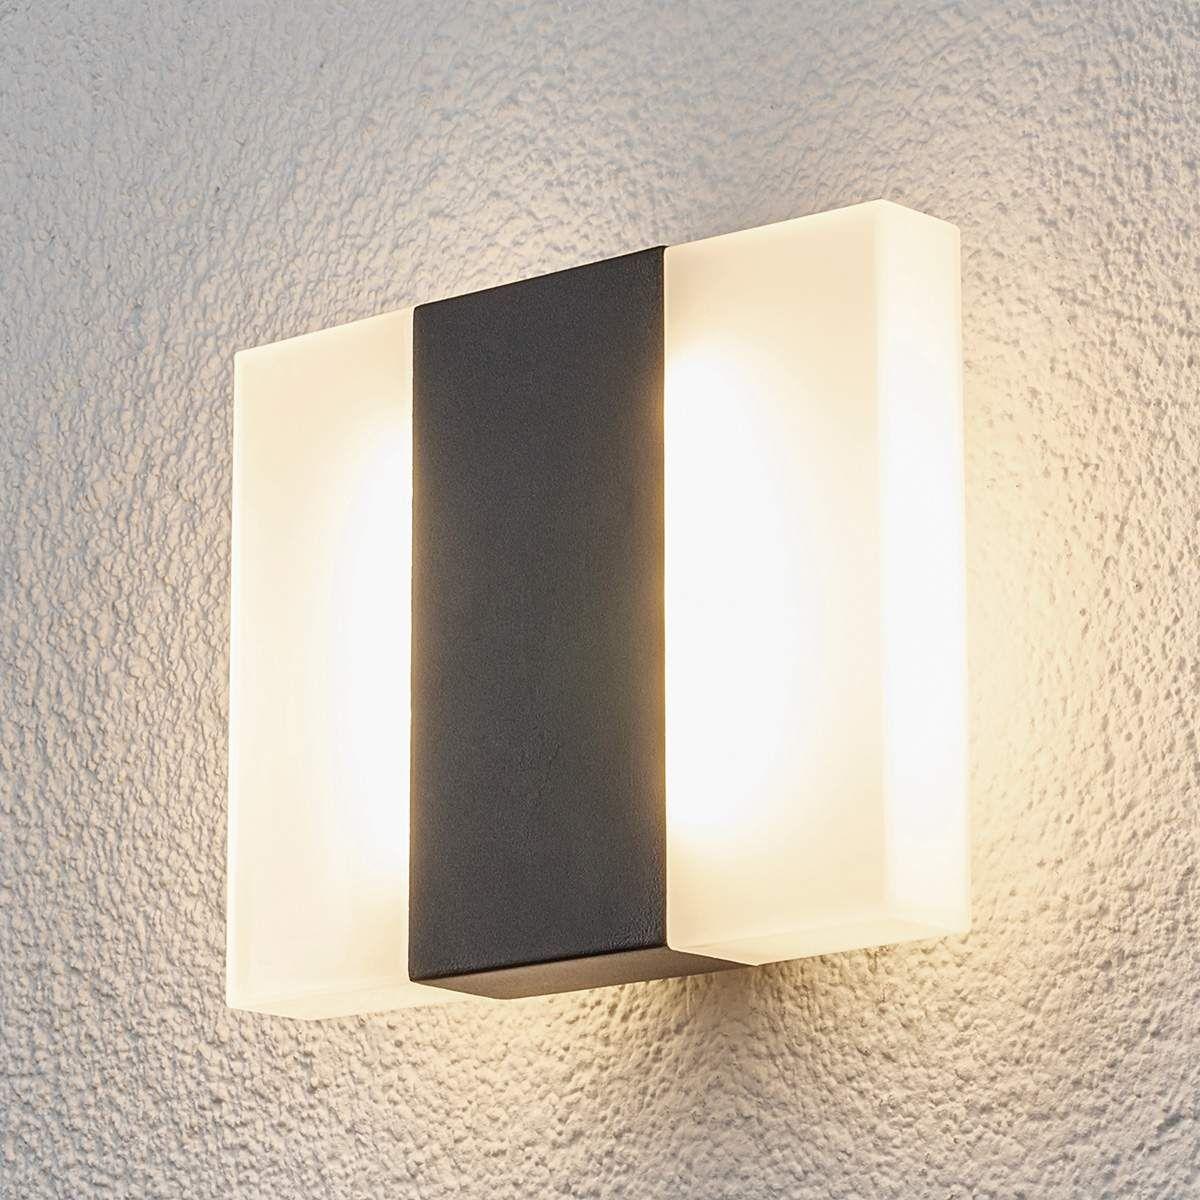 LED Außenwandlampe Siara Weiß Gewölbte Form Wandleuchte Wand Lampe Lampenwelt